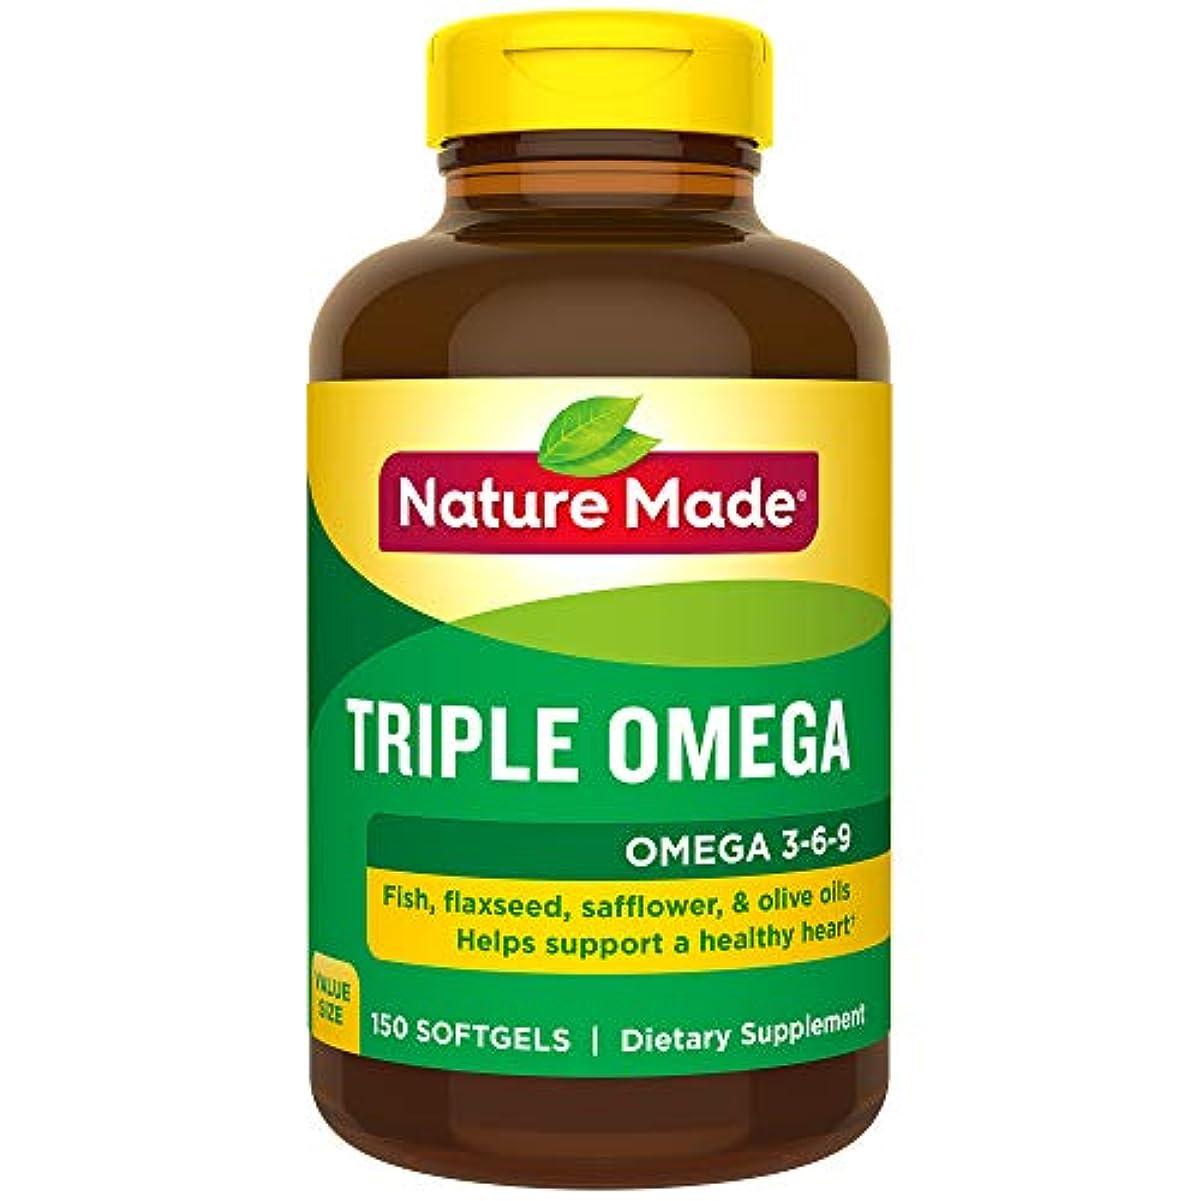 修正飼料アンテナNature Made Triple Omega 3-6-9, 150 Softgels 海外直送品